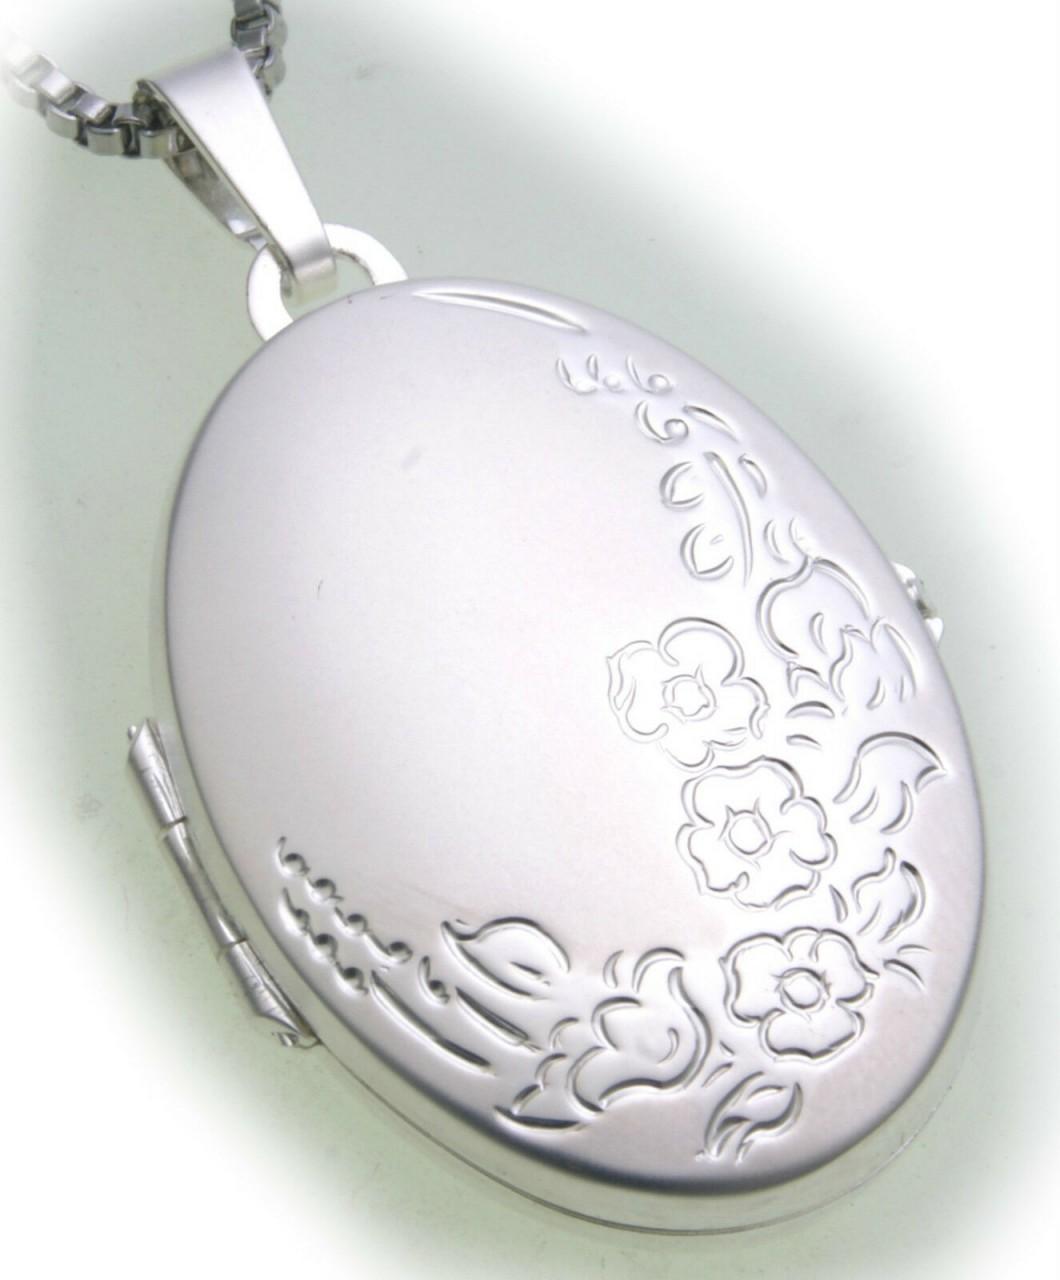 Damen Anhänger Medaillon echt Silber 925 teilmatt verziert Sterlingsilber ME3003